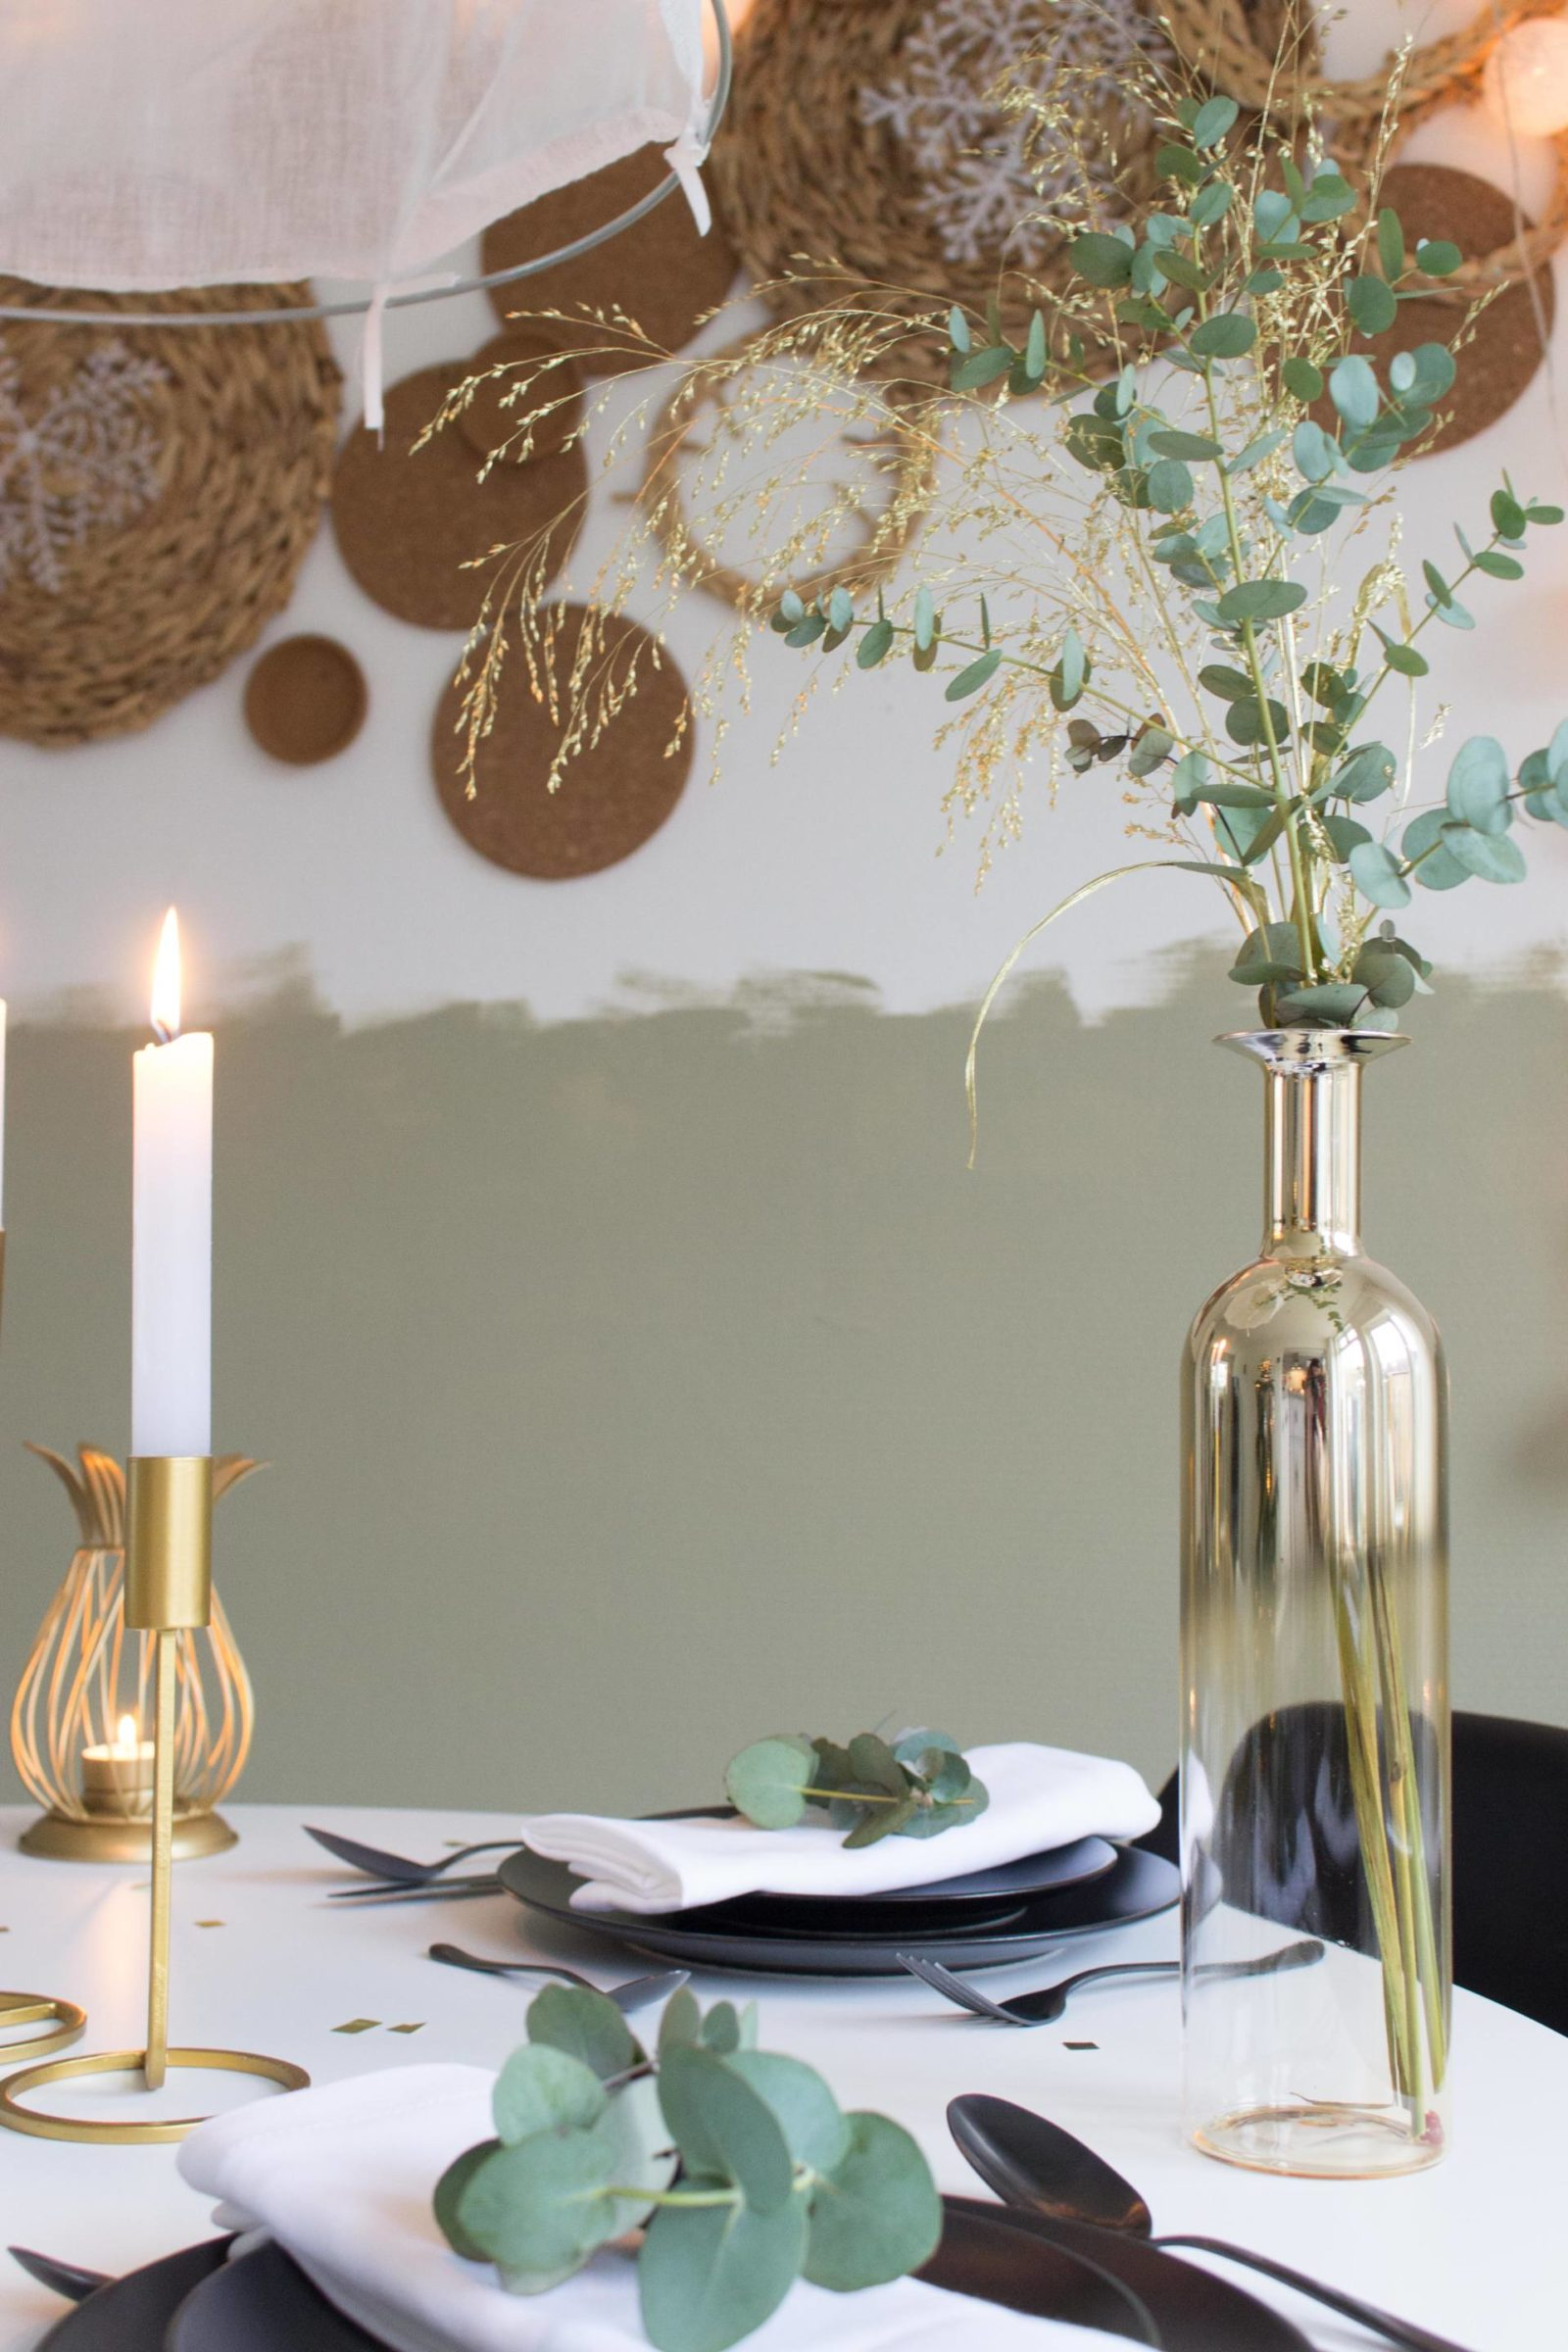 kersttafel gouden vaas